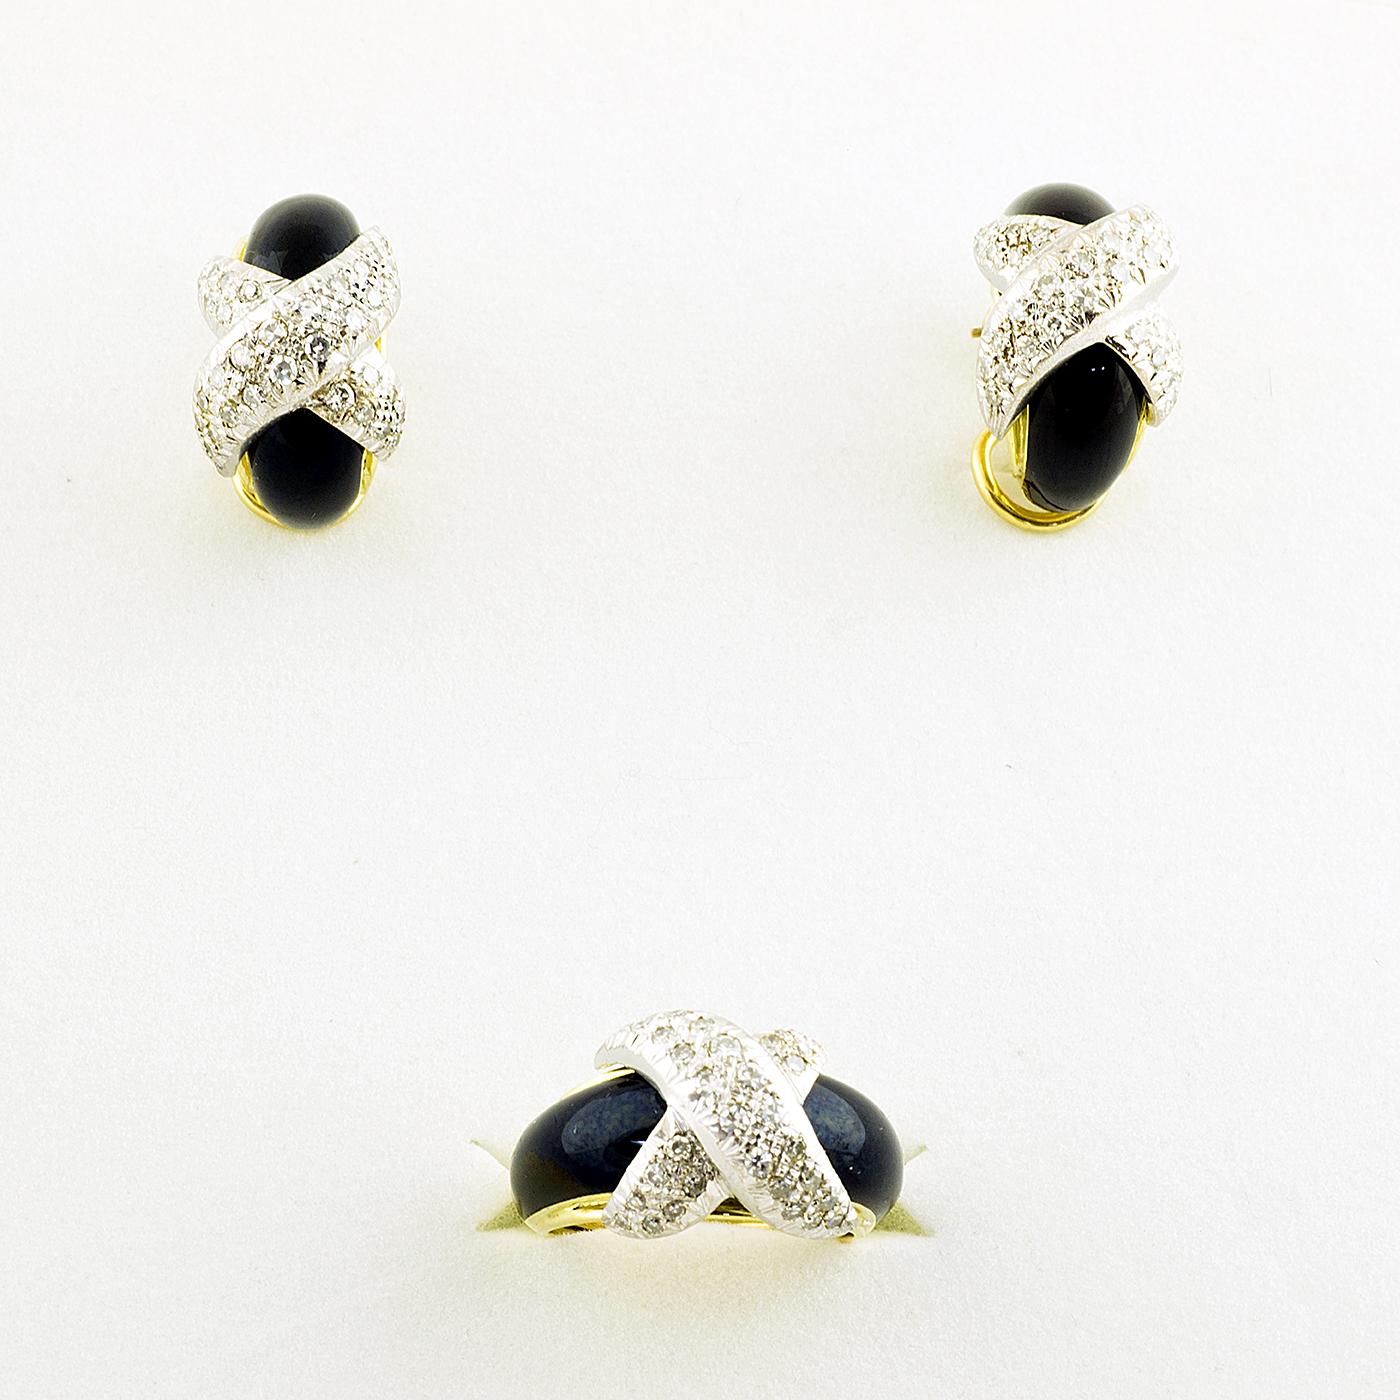 Conjunto de Sortija y Pendientes, en Oro Bicolor, con Esmalte y 102 Diamantes Naturales, de 3,60 ct. total. Color, G-H. Claridad, VVS1-VVS2.